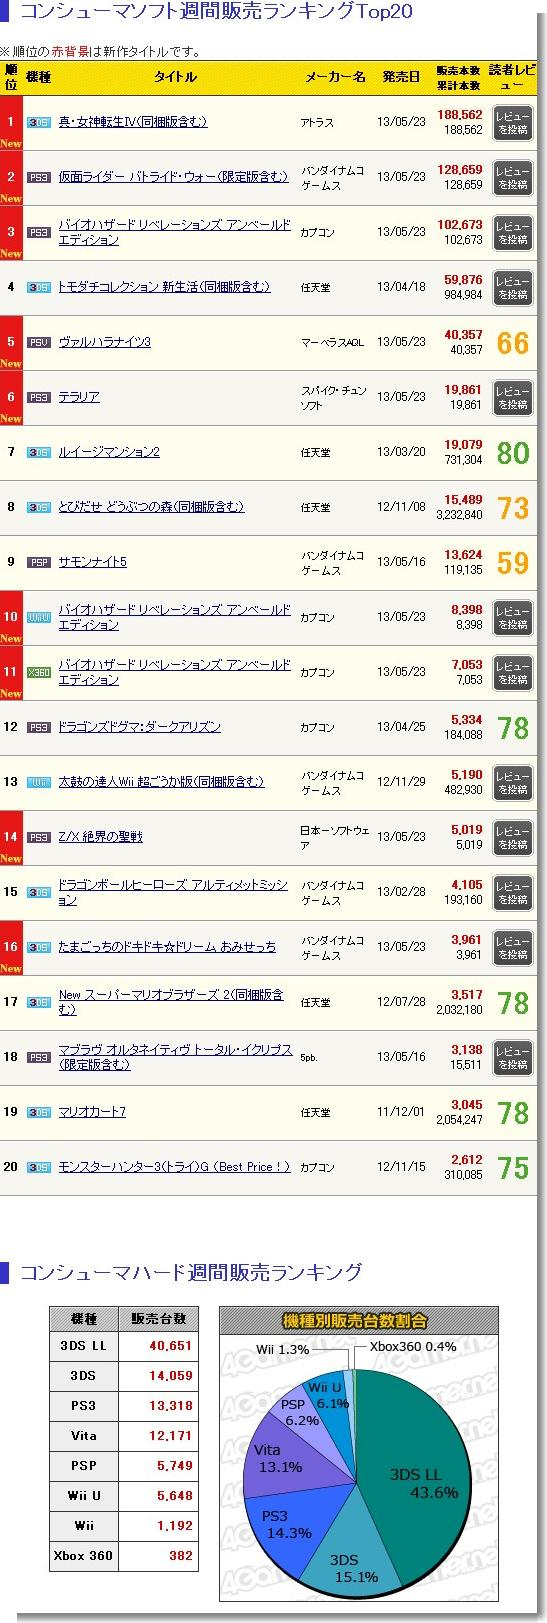 「真・女神転生IV」18万8000本,「仮面ライダー バトライド・ウォー」12万8000本など,新作多数の「ゲームソフト週間販売ランキング+」